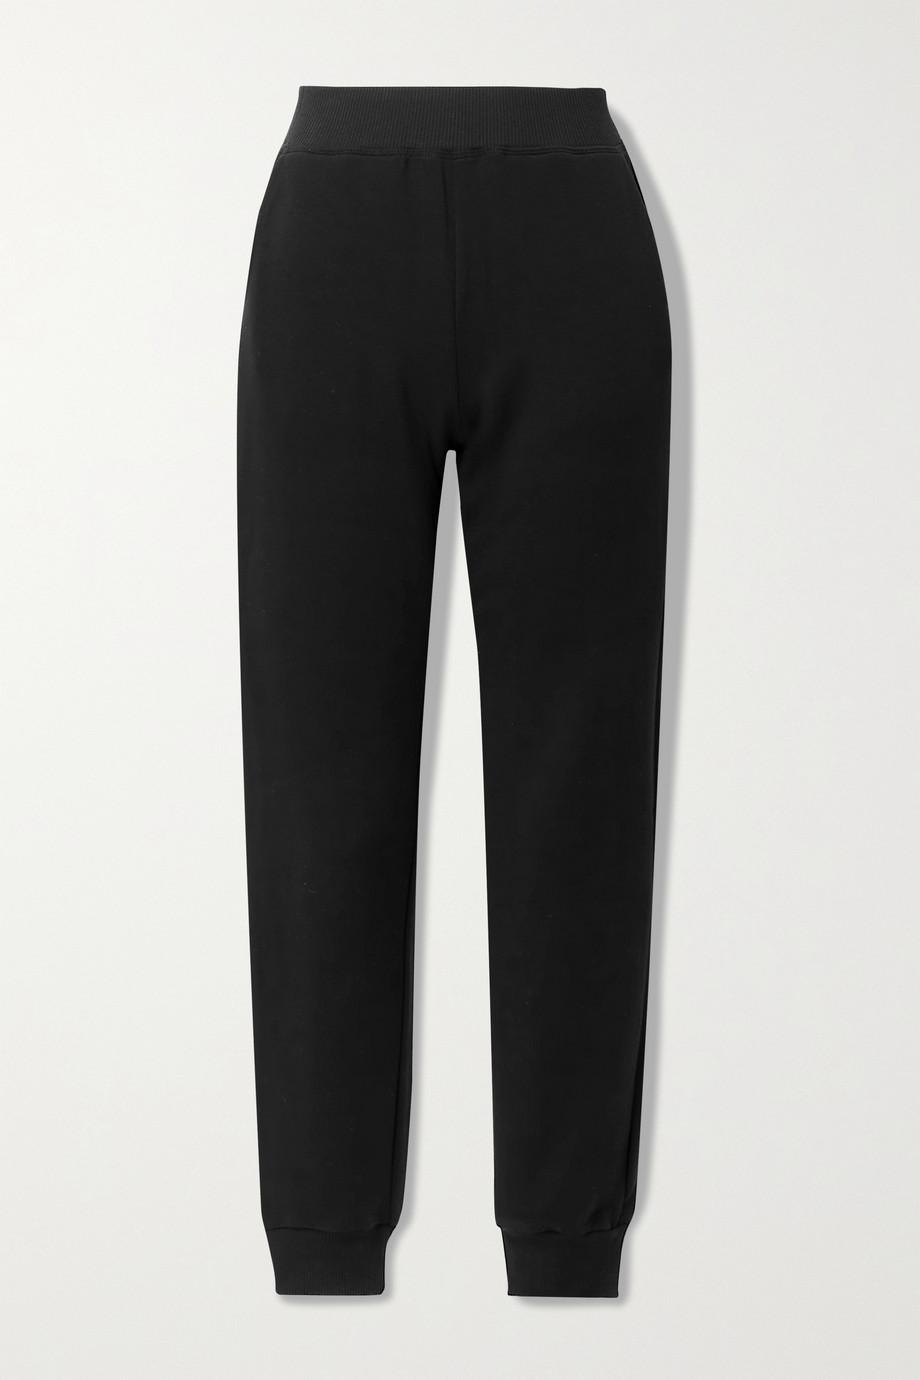 L'Agence Pantalon de survêtement en jersey stretch Moss